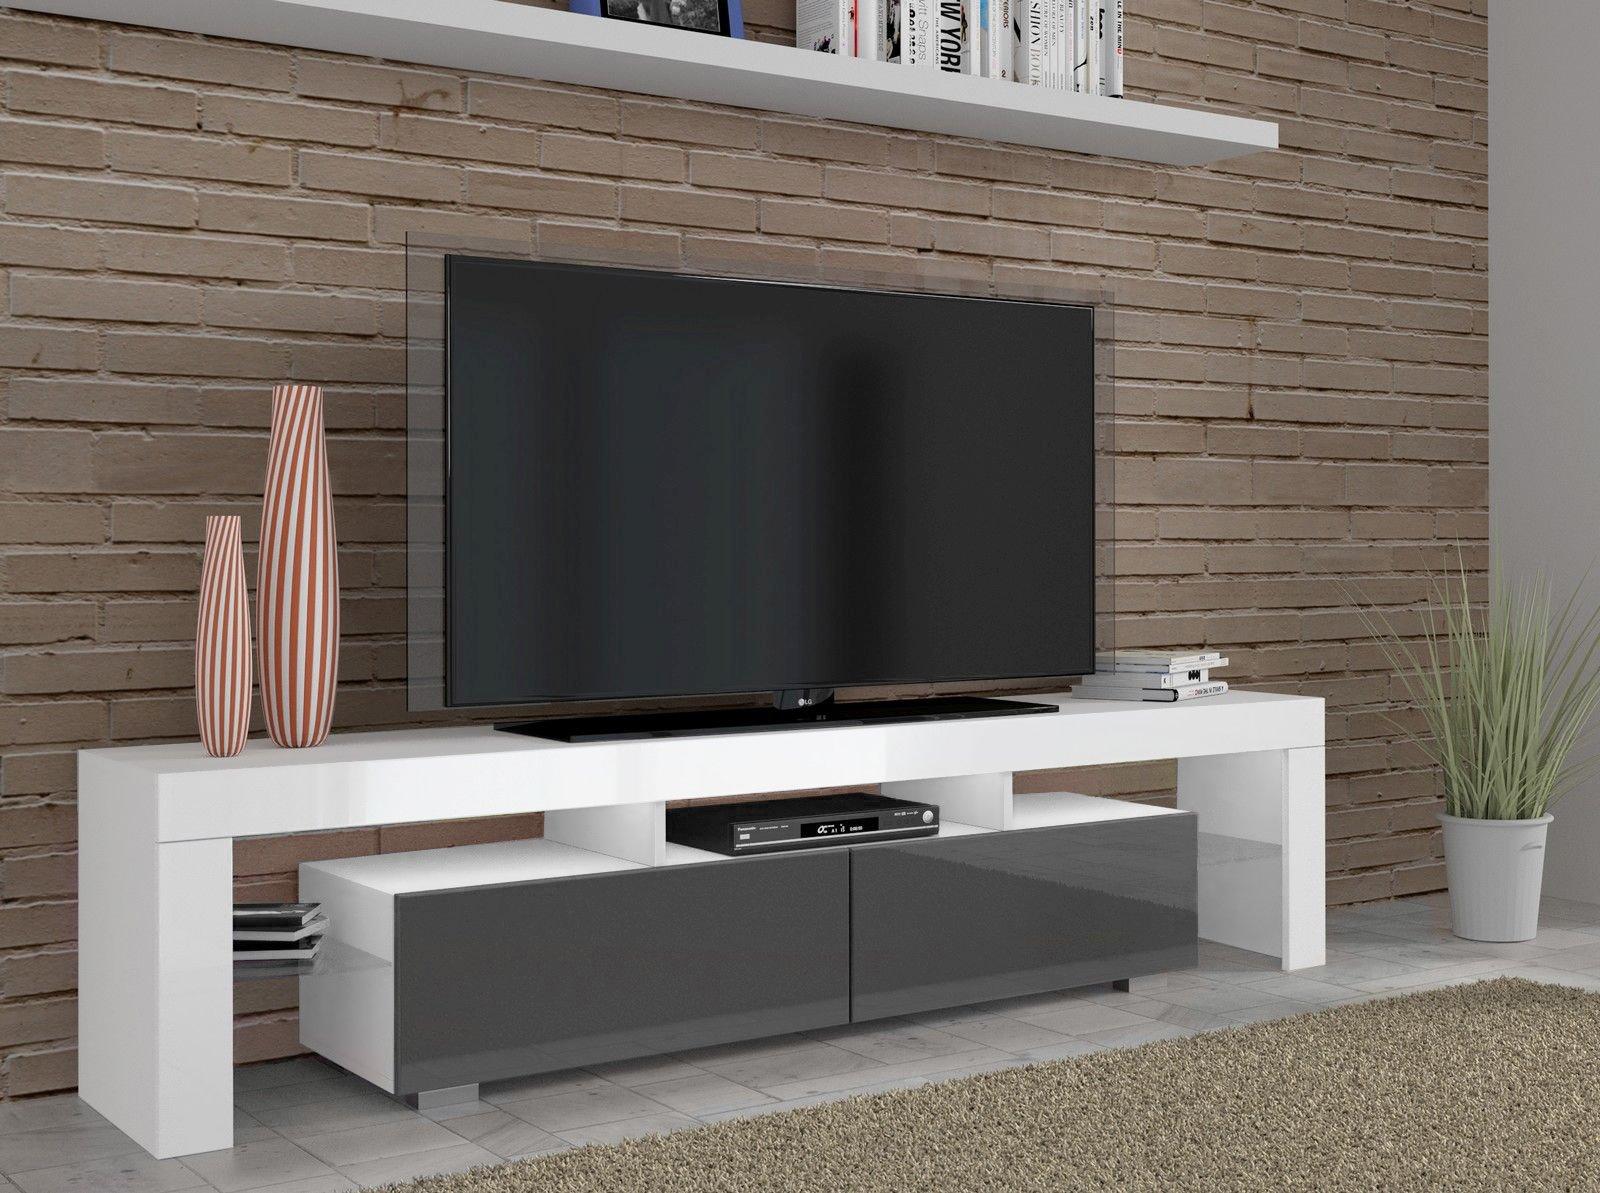 Copenhagen Tv Stand 190cm Gloss Finish Led Lighting Tv Entertainment